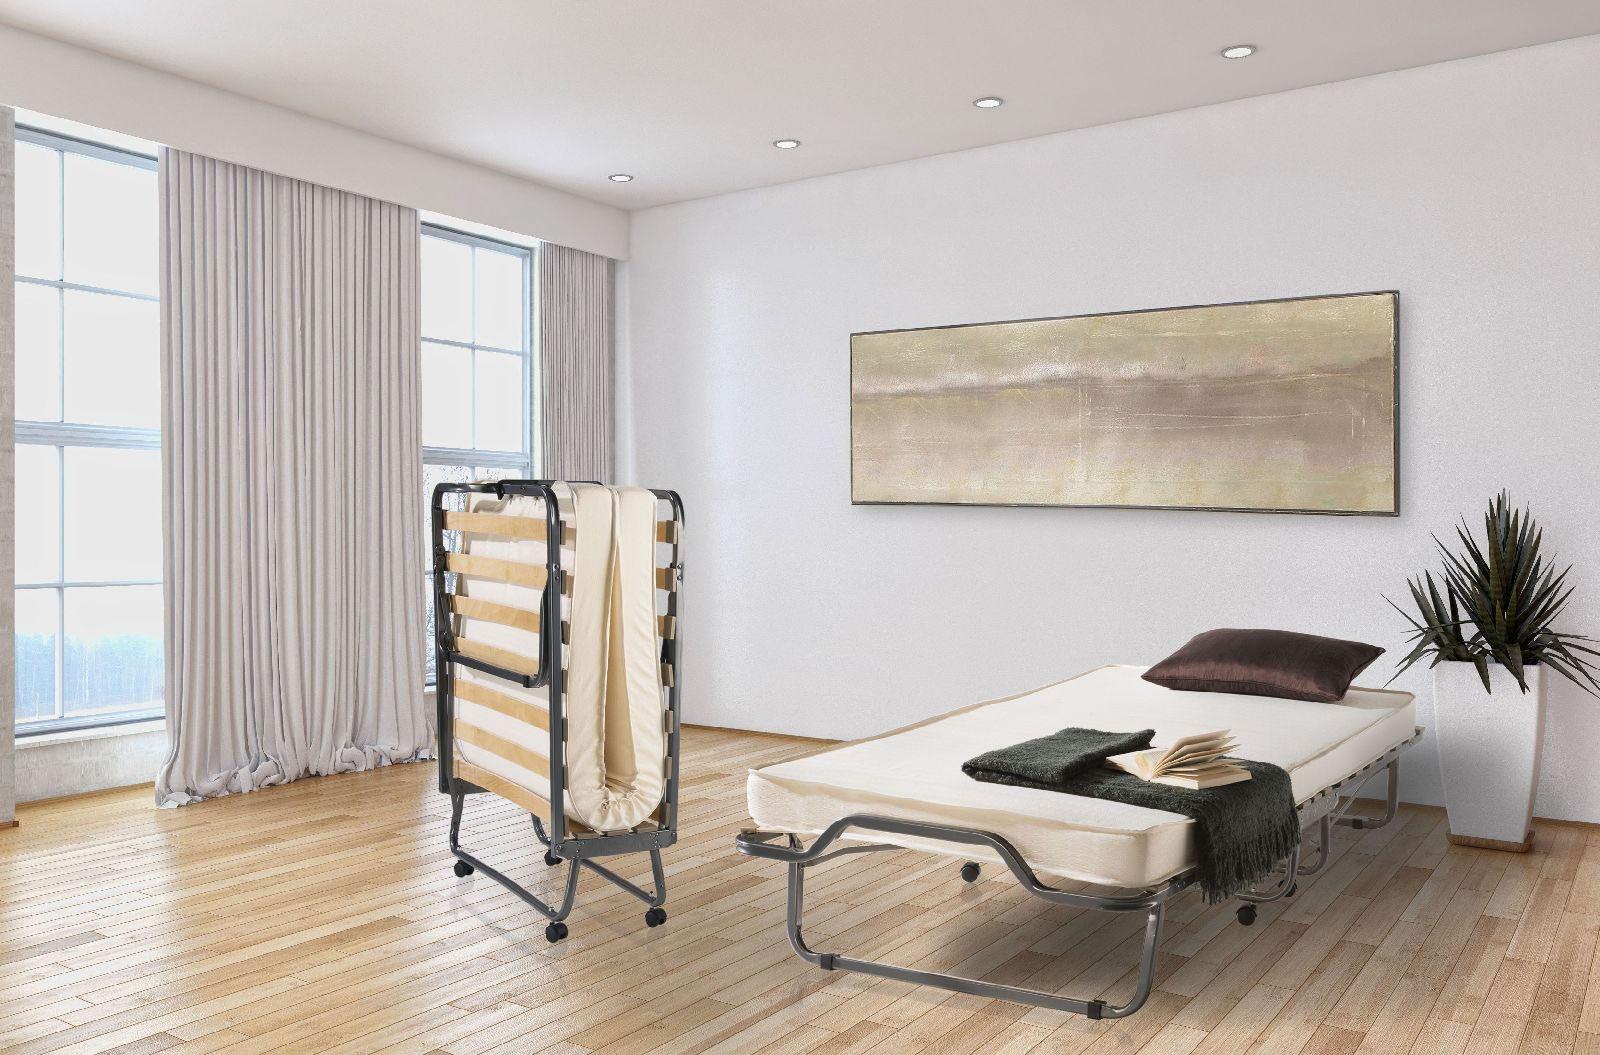 akzentmoebel unger shop dico raumsparbett g steklappbett. Black Bedroom Furniture Sets. Home Design Ideas